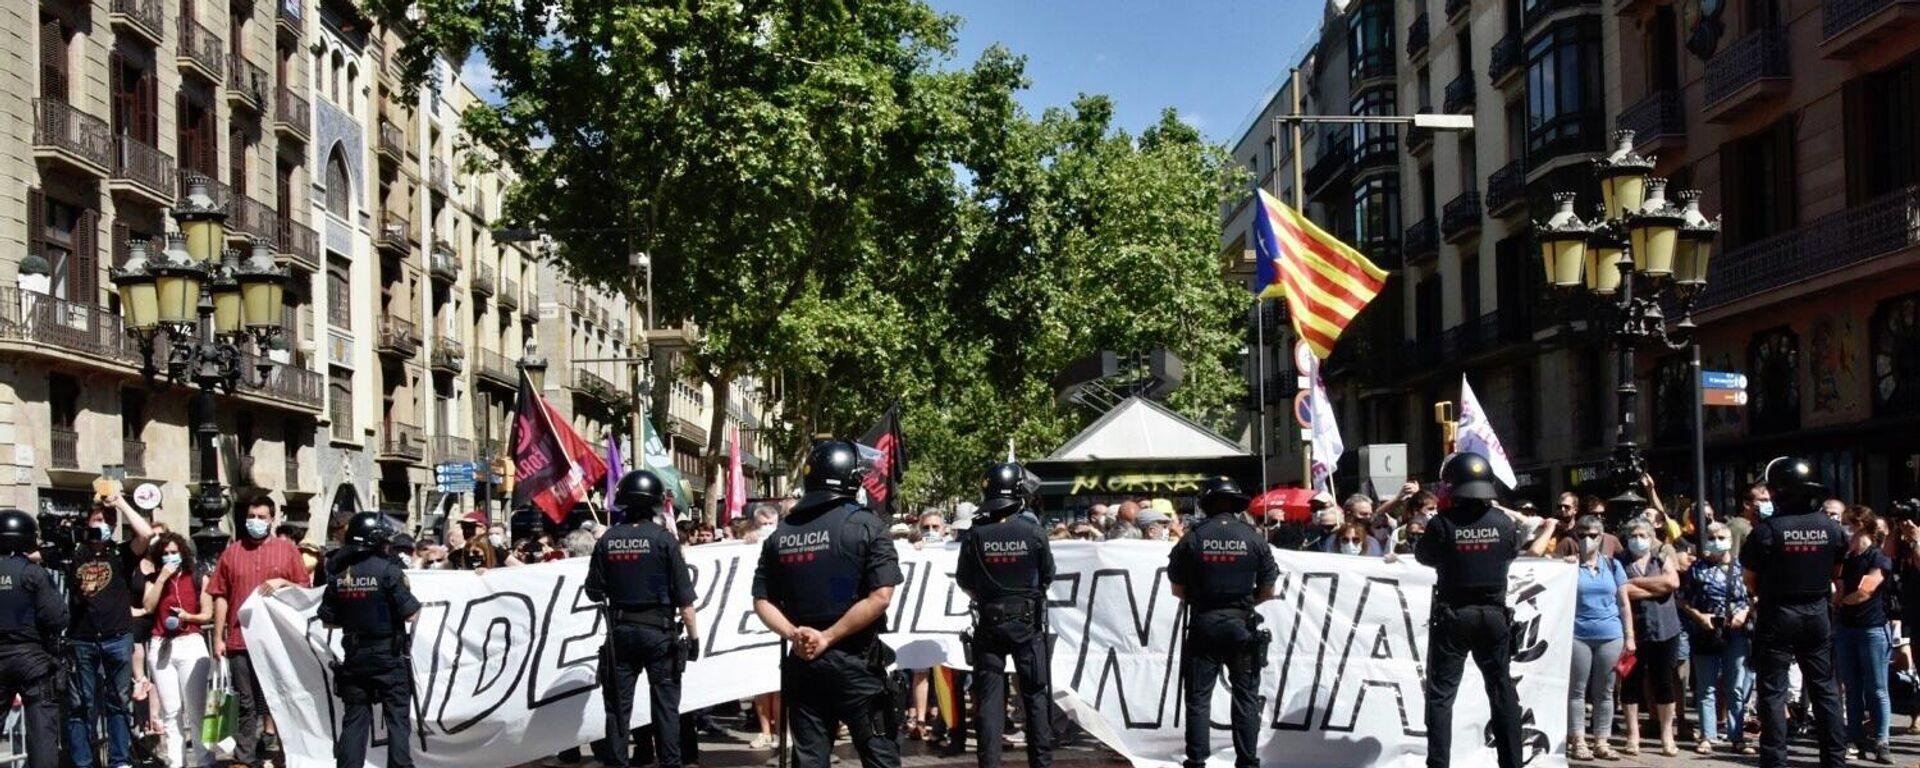 Independentistas catalanes protestan contra la visita del presidente del Gobierno español, Pedro Sánchez - Sputnik Mundo, 1920, 21.06.2021